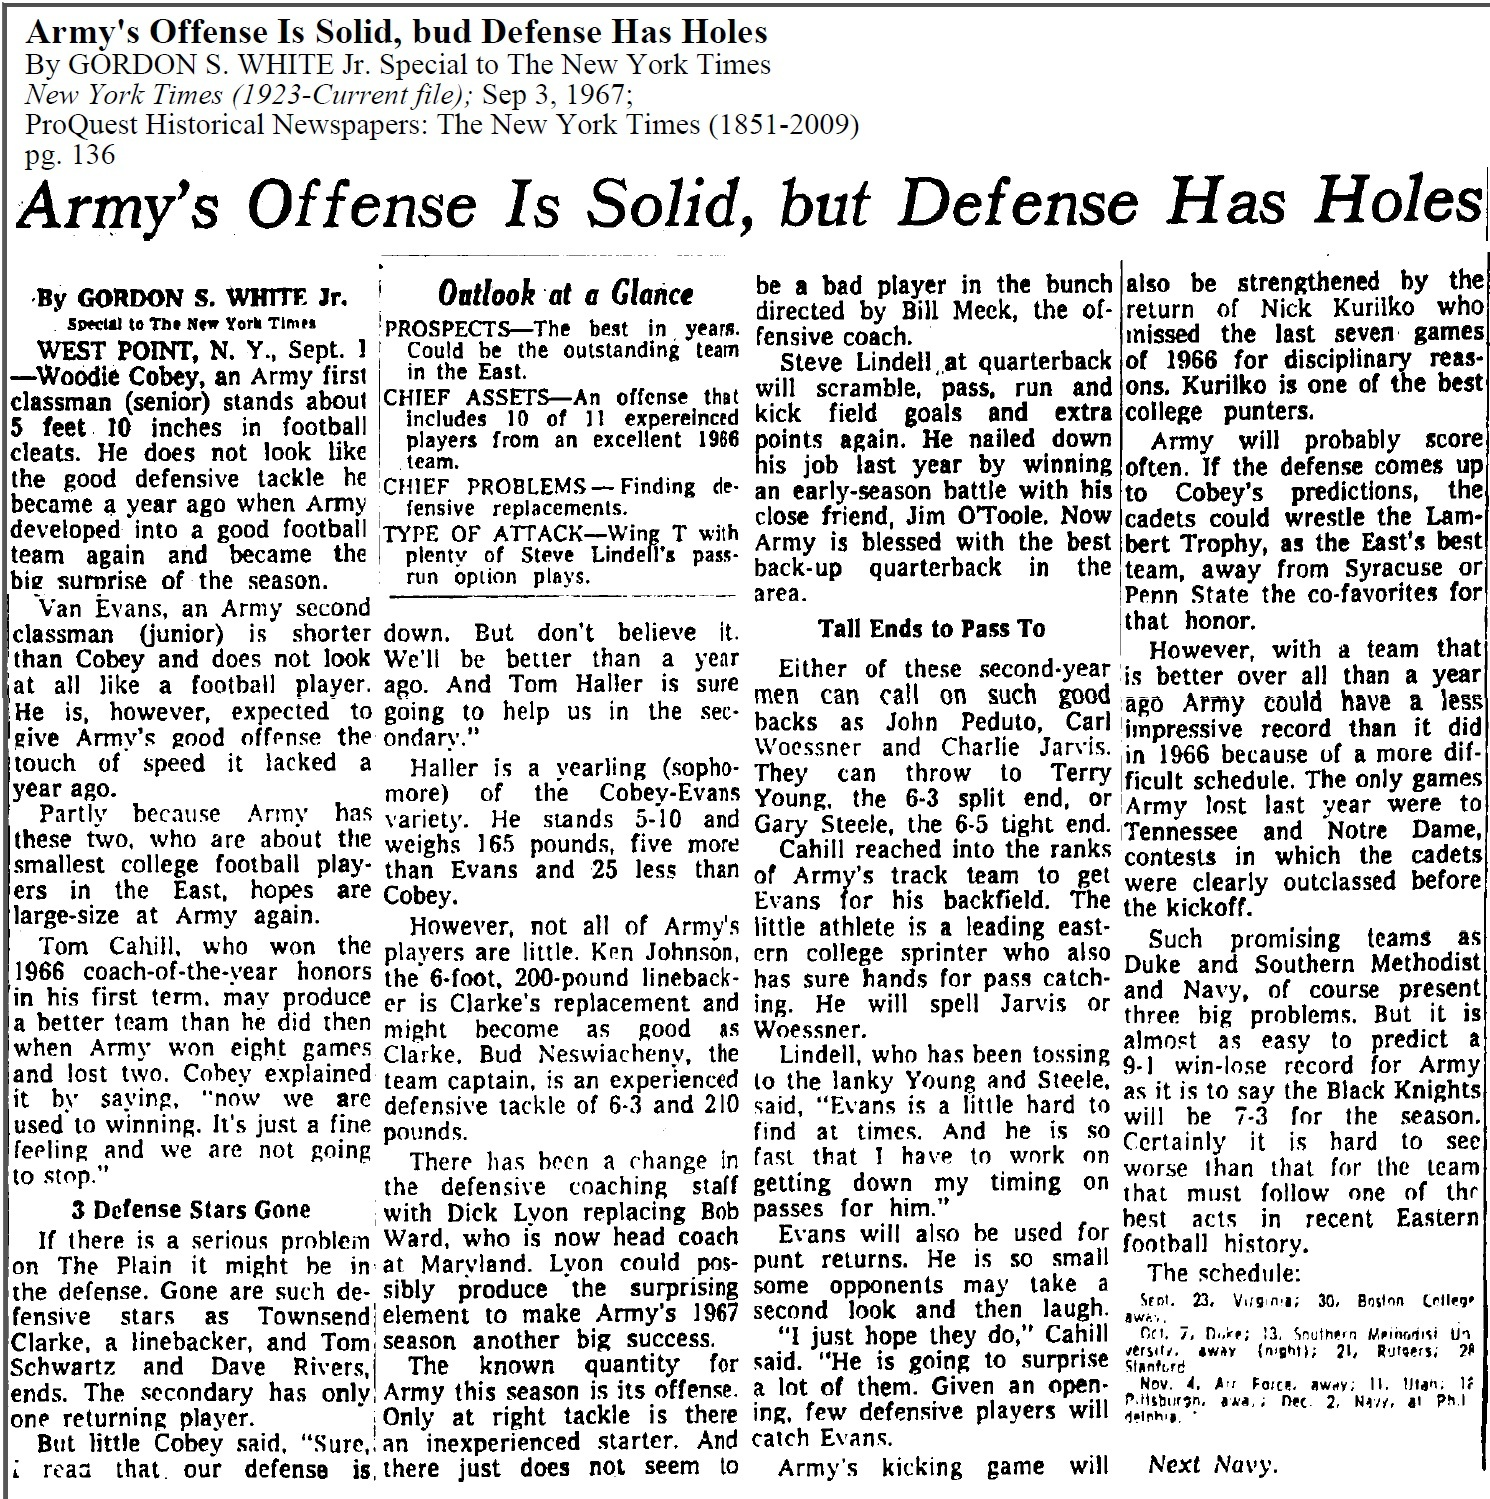 armyfb_1967_forecast_nyt_sep31967